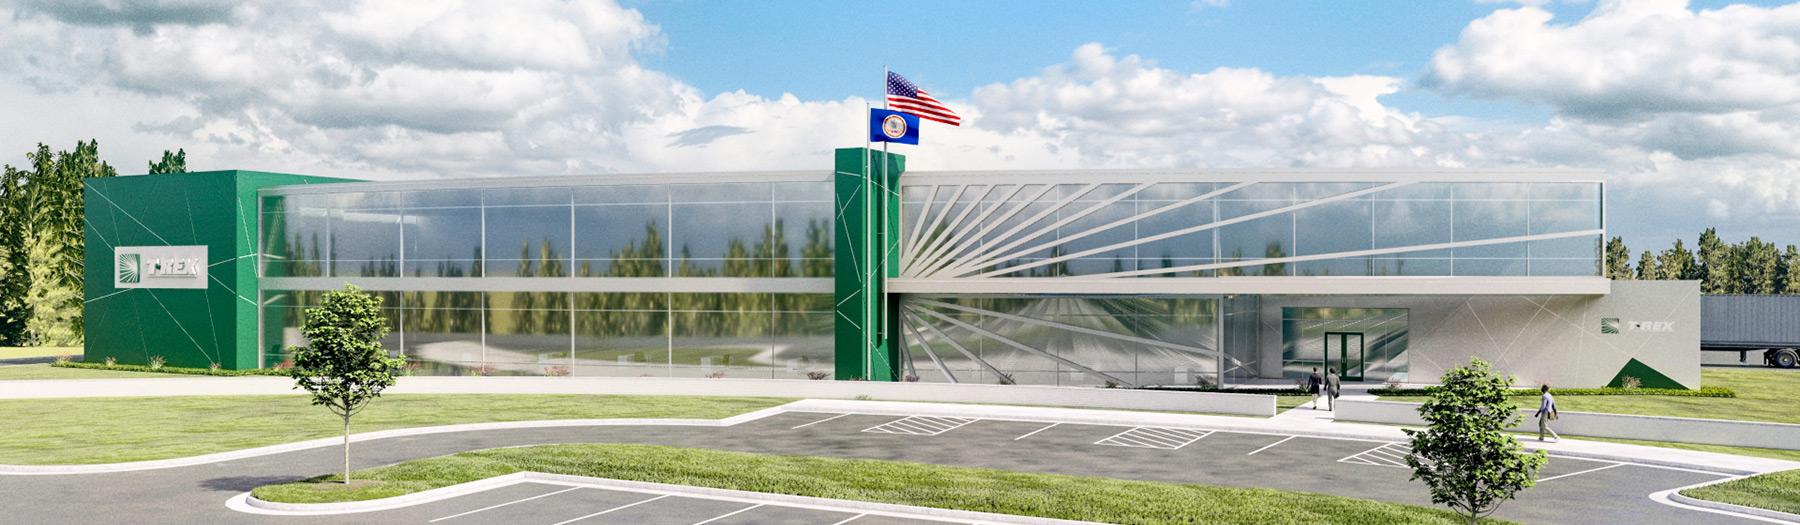 T-Rex Technology Center - Yorktown, VA